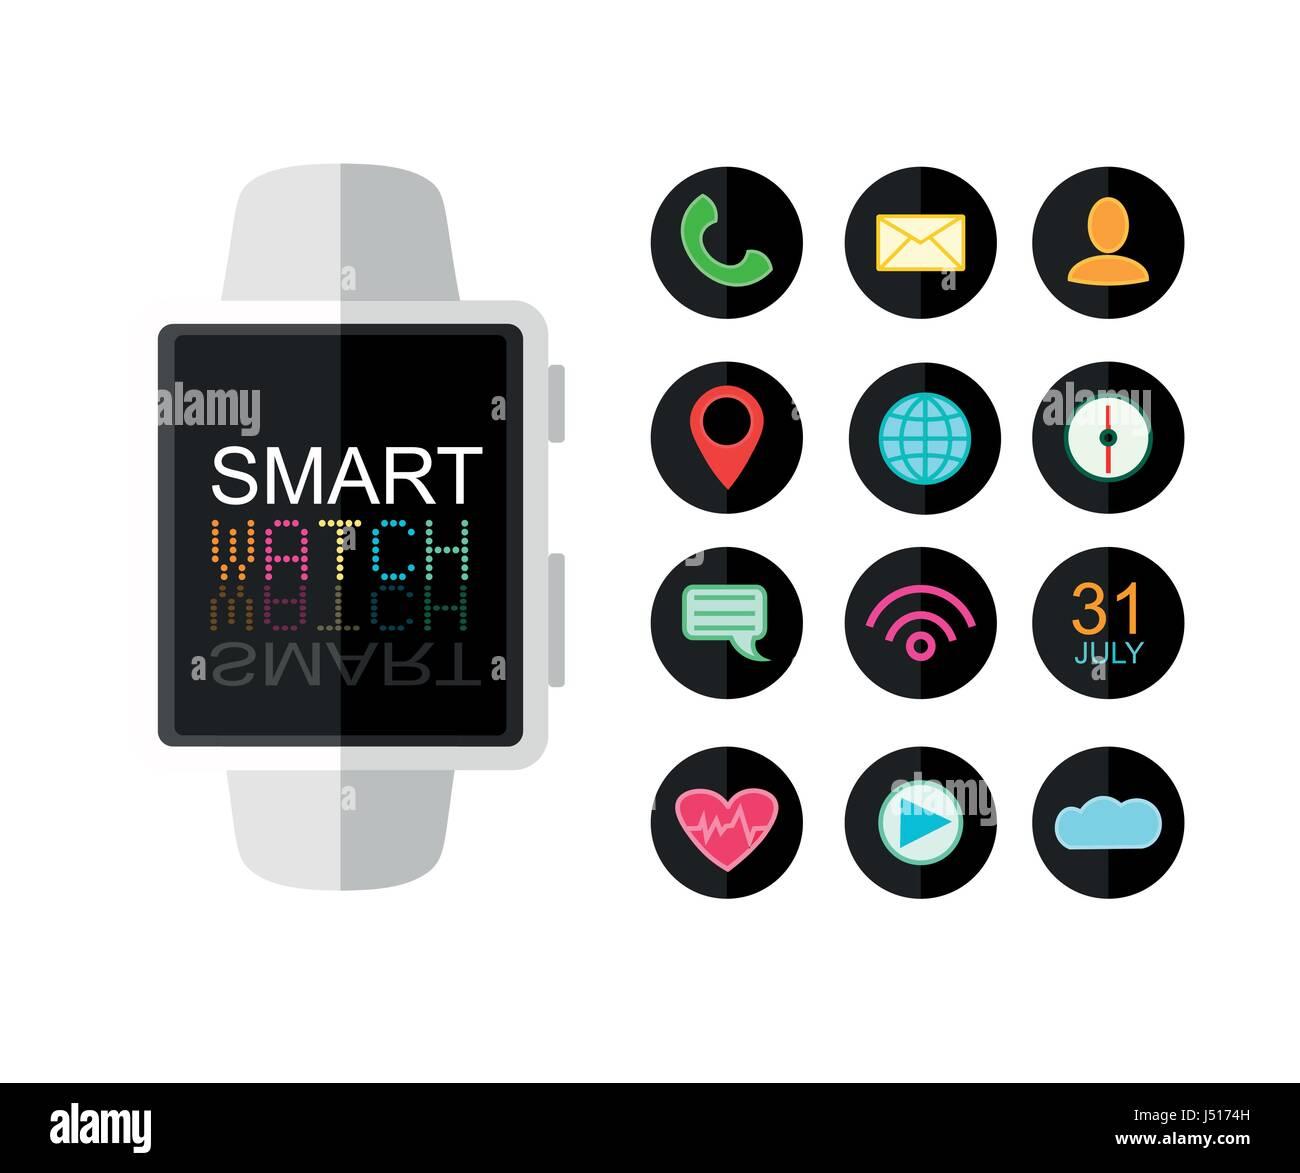 La Inteligente Para De Reloj App Modernoconjunto Iconos Ltfj3uk1c Lj4RqSc35A